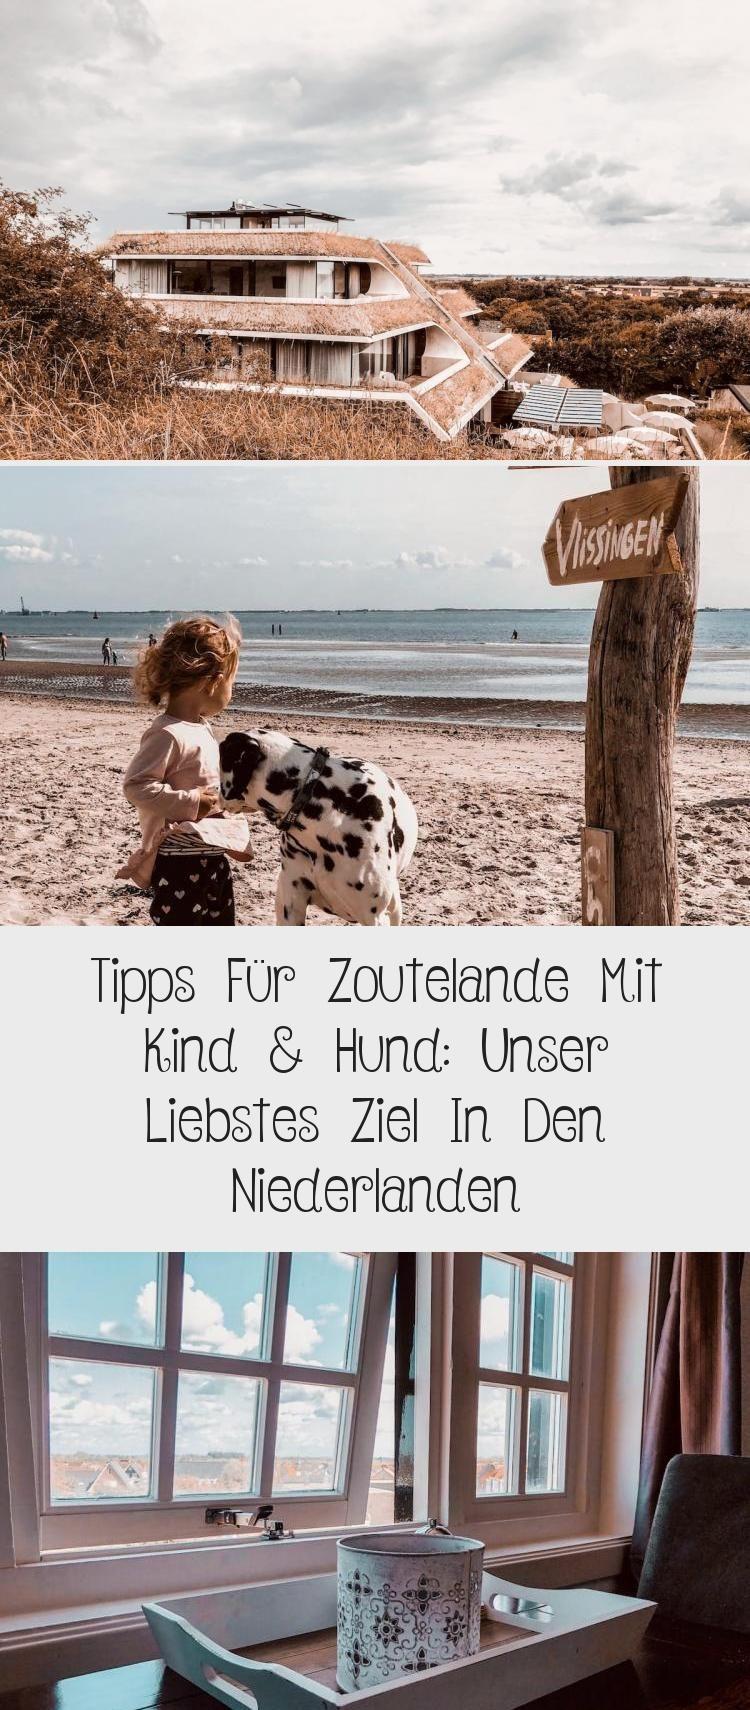 Tipps Fur Zoutelande Mit Kind Hund Unser Liebstes Ziel In Den Niederlanden With Images Movie Posters Poster Movies